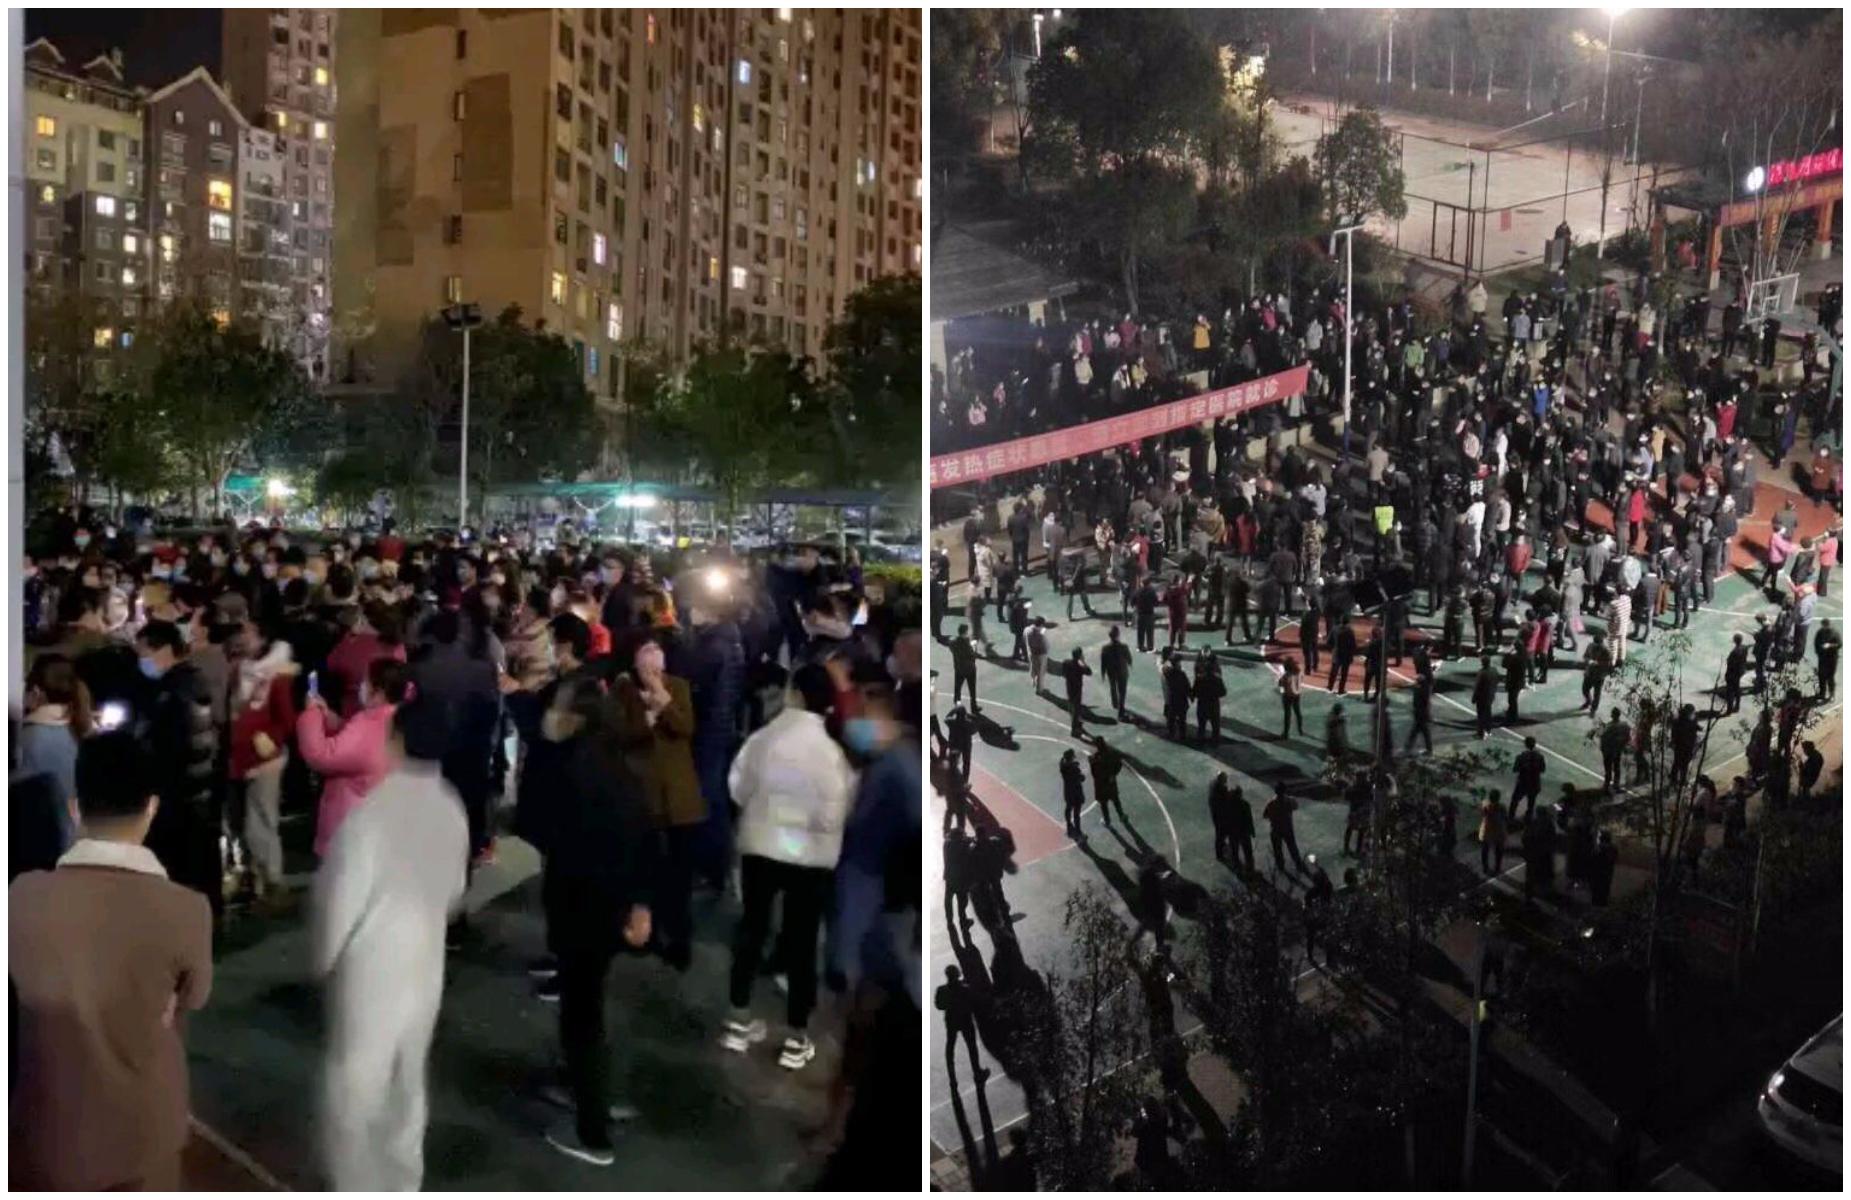 應城抗議高價菜事件 業主被捕 兒上網求救